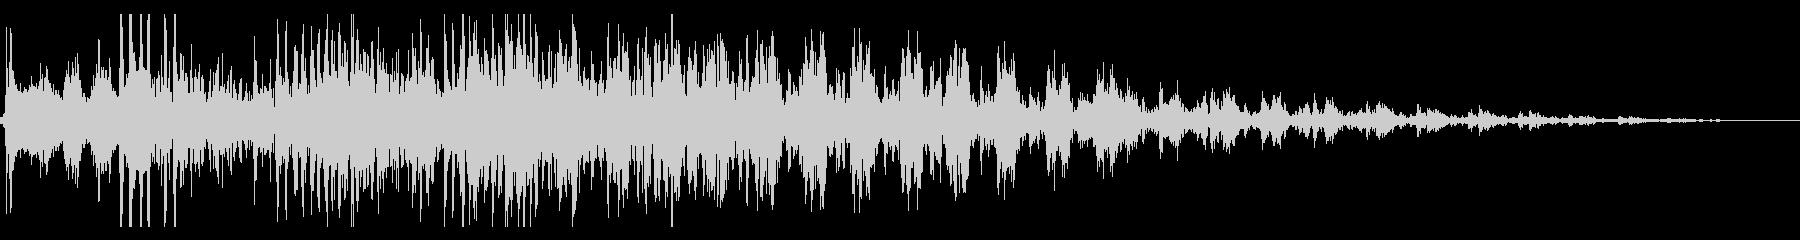 ハーレー系の大型バイク/エンジン効果音1の未再生の波形